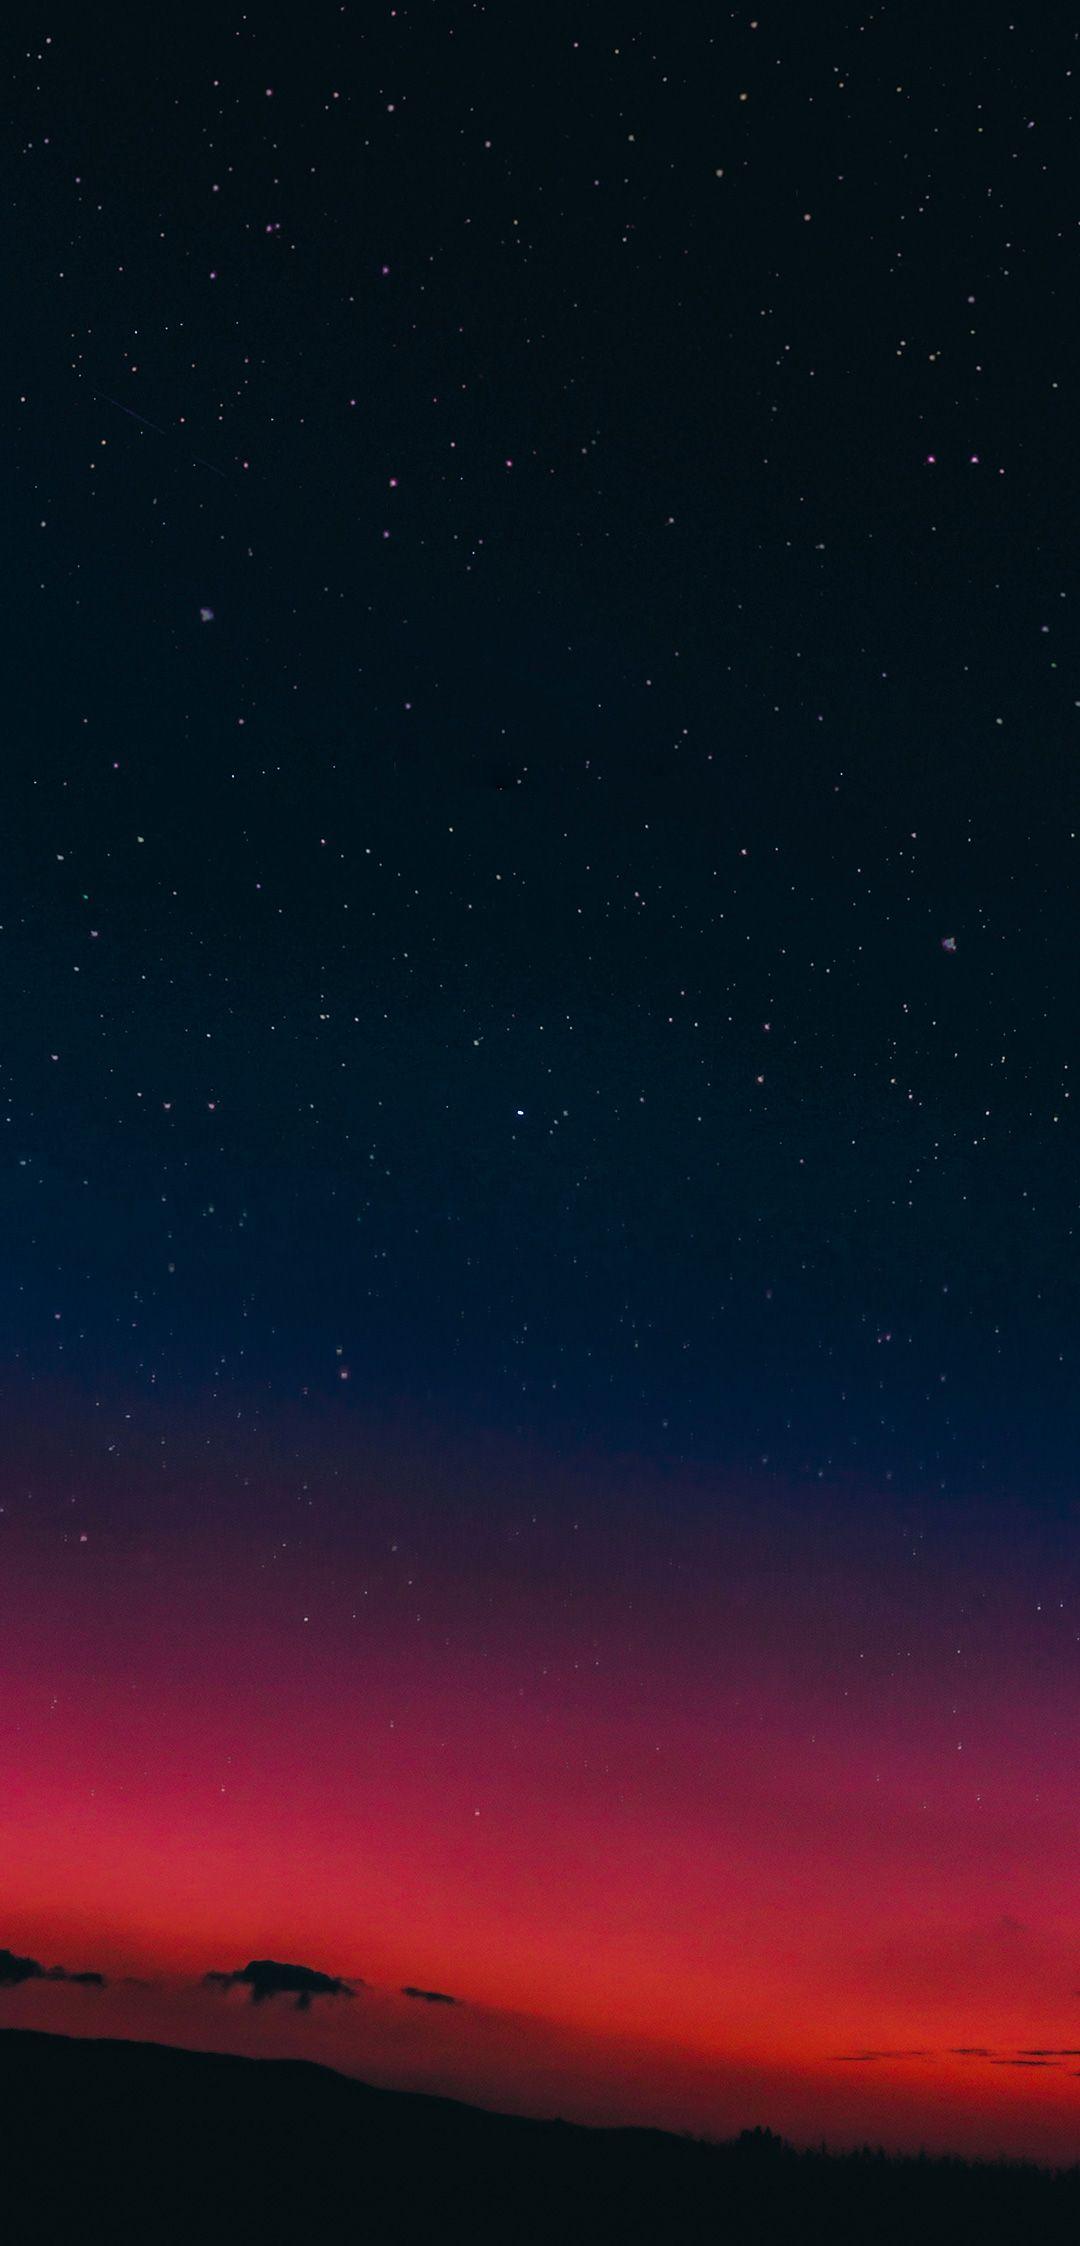 Background Wallpaper Dark Sky Dark Background Wallpaper Xiaomi Wallpapers Wallpaper Images Hd